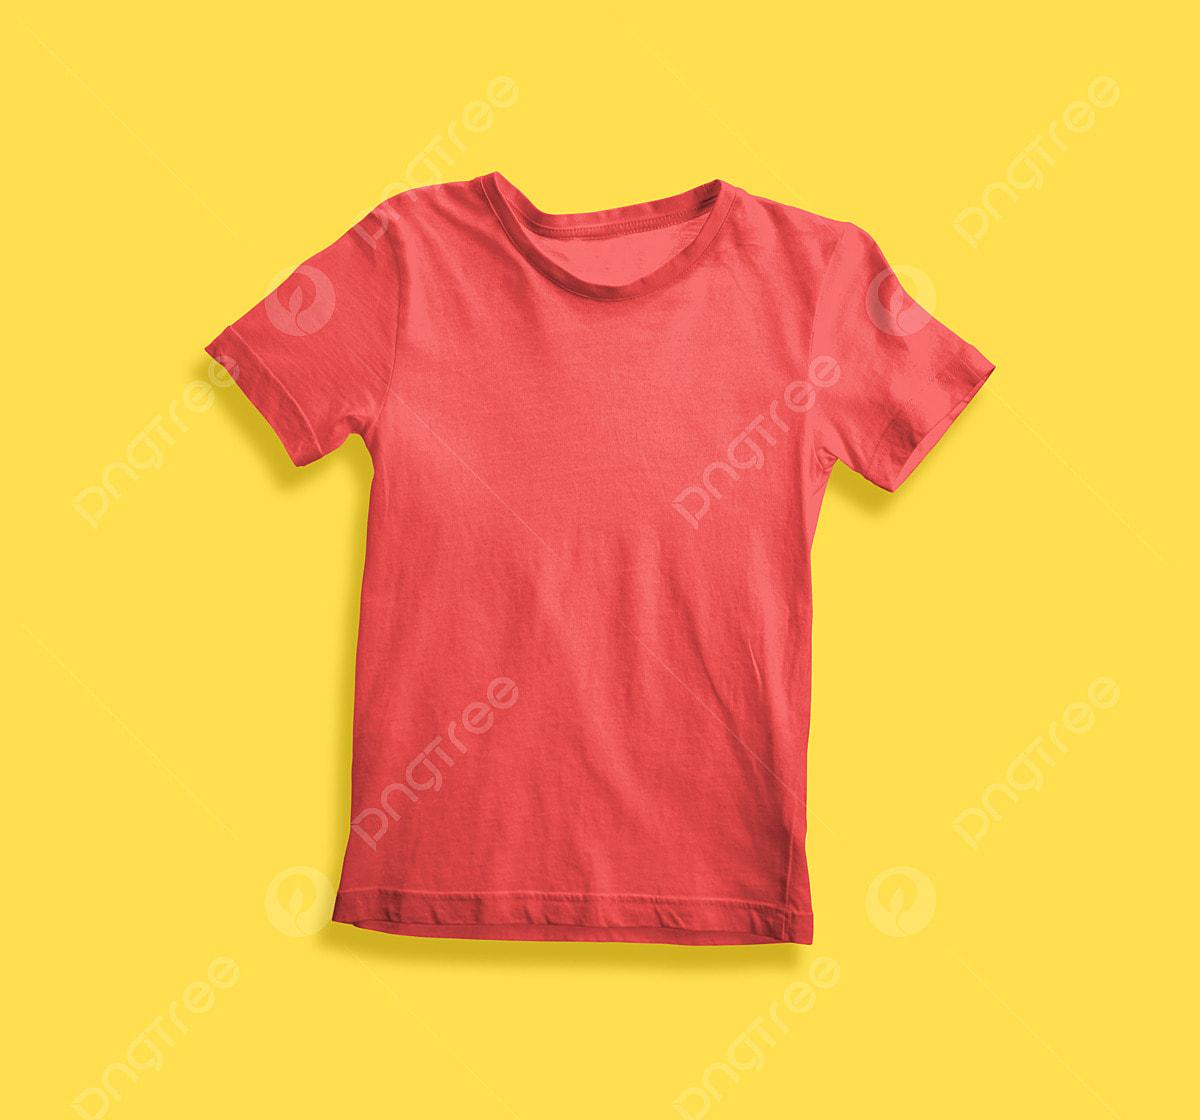 Trẻ Em Người Mẫu Dùng áo Màu đỏ áo Thun đàn ông Trắng